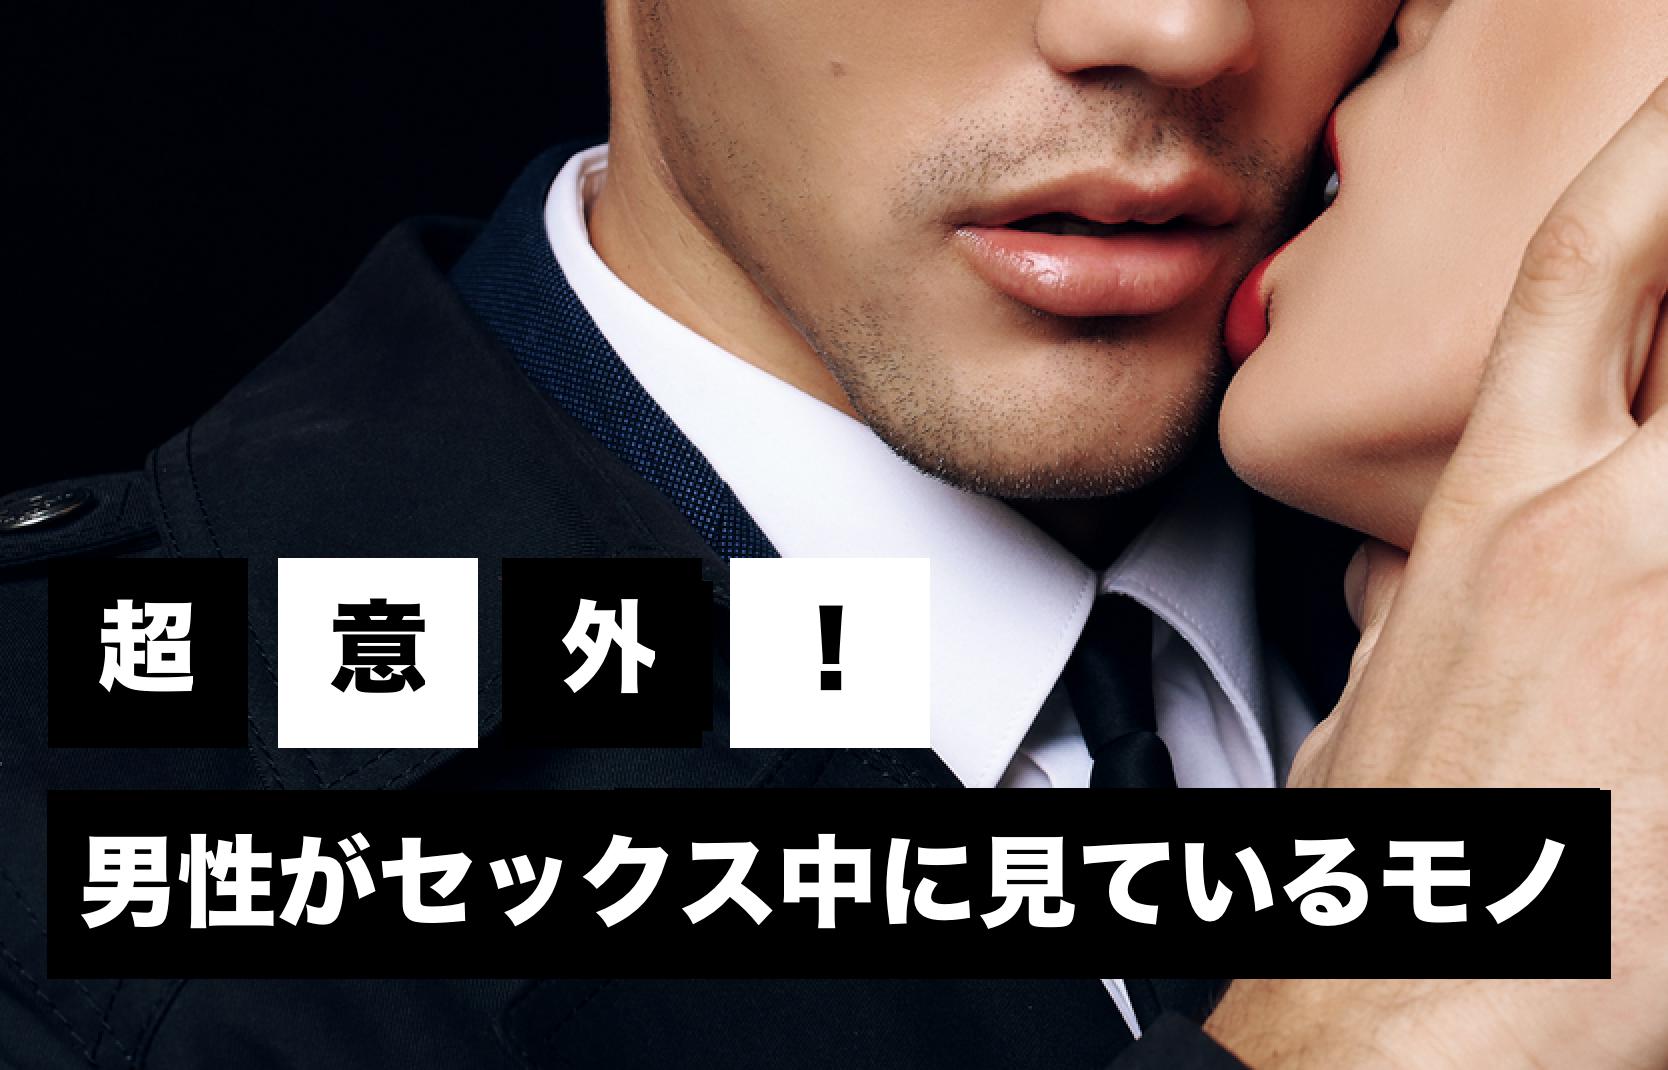 東京男子の理想のベットシーンを大調査!どんな女性と夜を共にしたい?